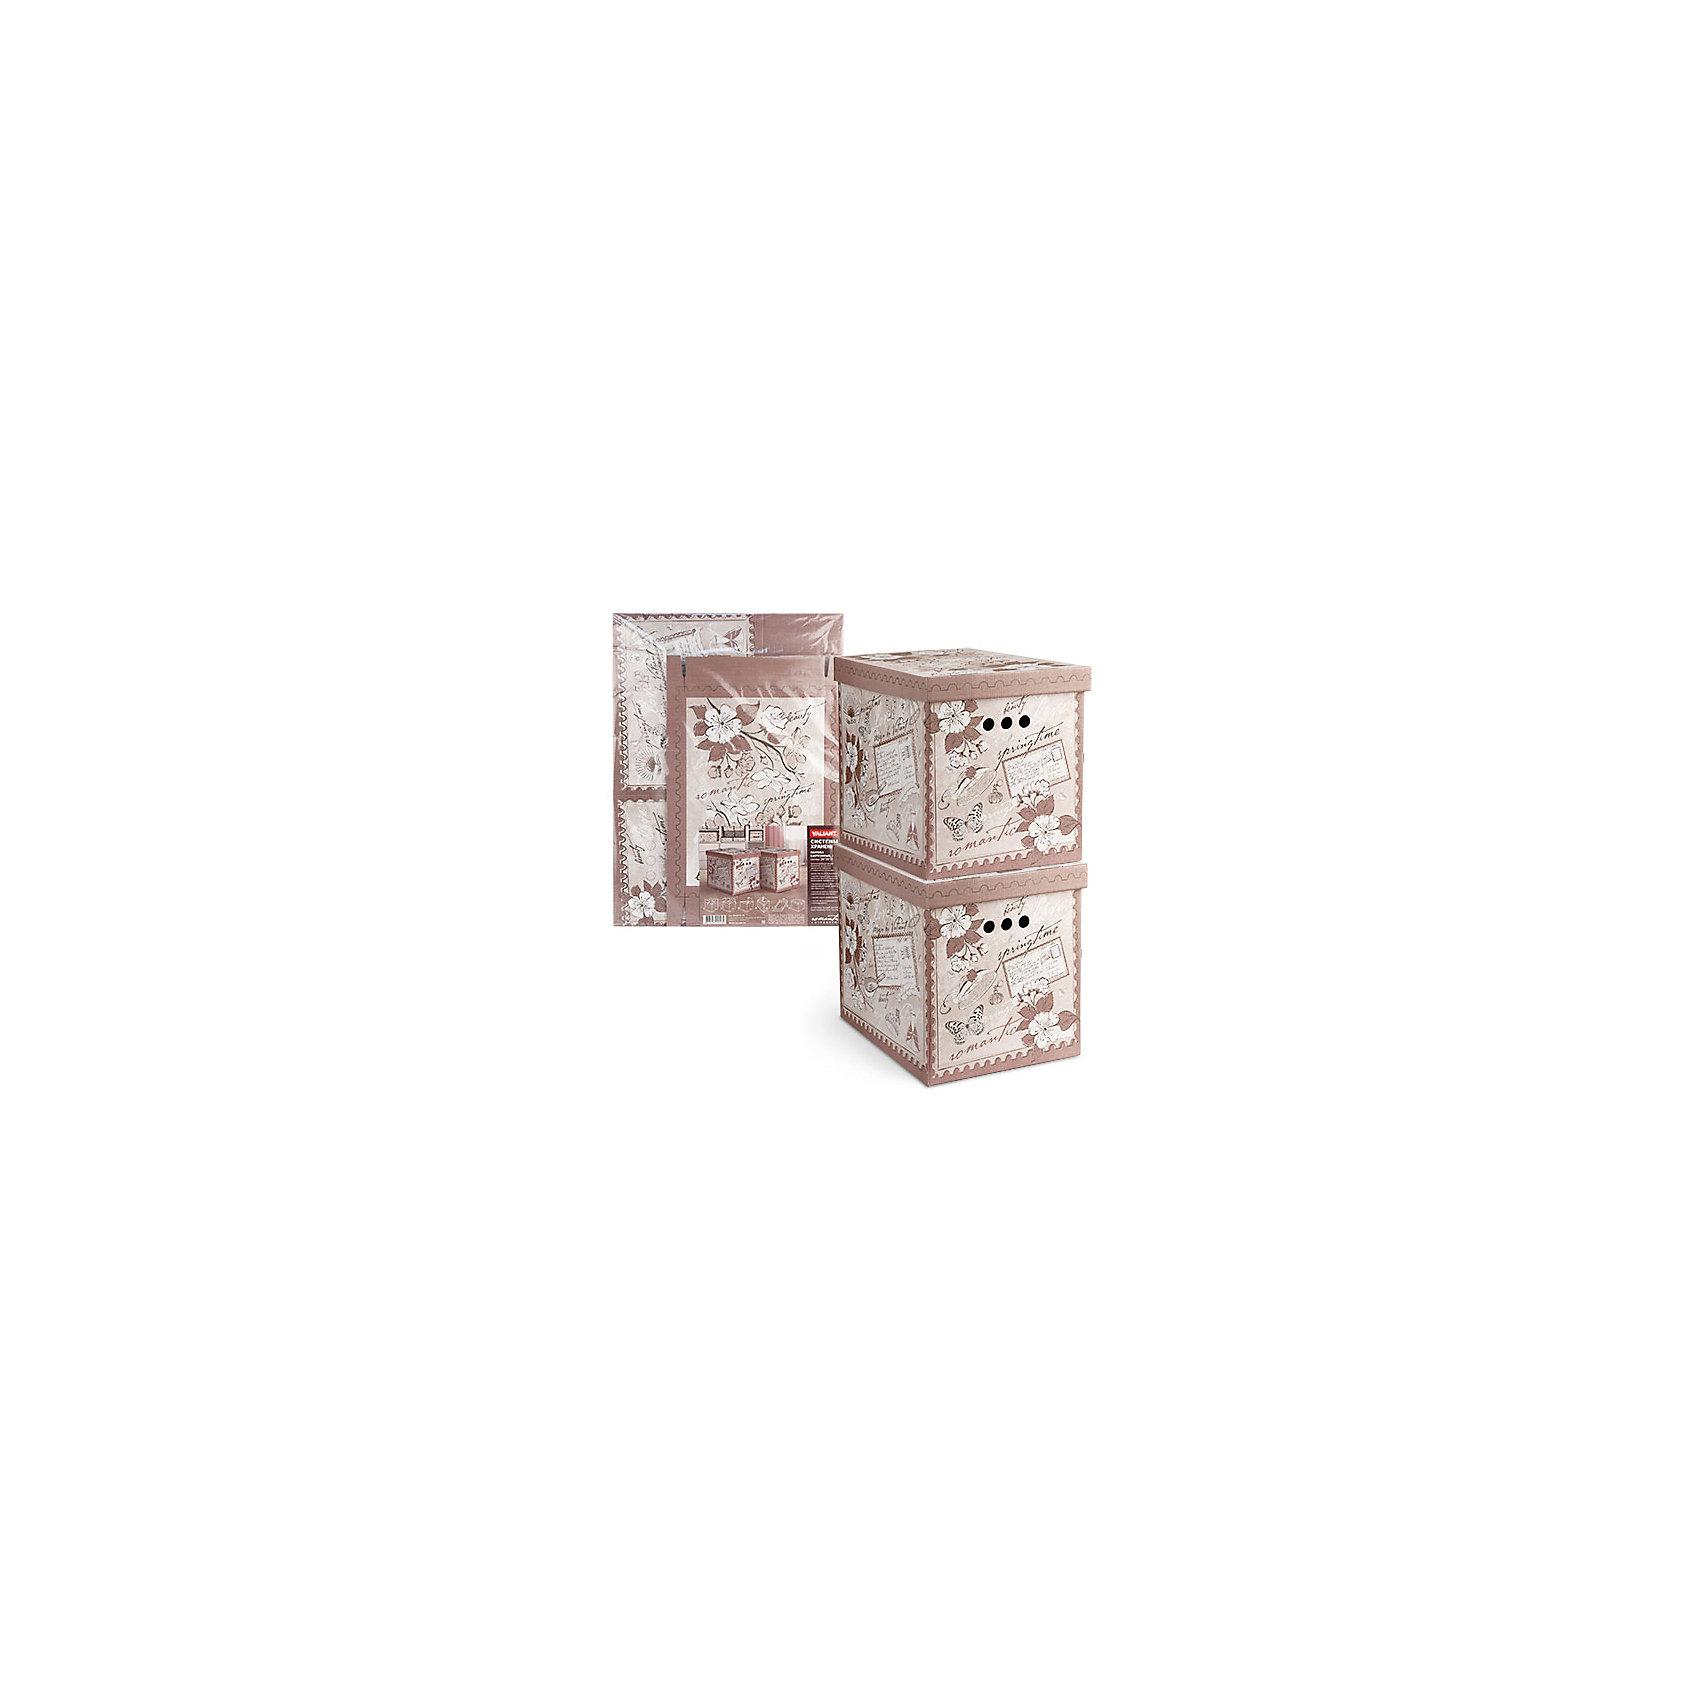 Короб картонный, складной, большой, 28*38*31.5 см, 2 шт., ROMANTIC, ValiantПорядок в детской<br>Короб картонный, складной, большой, 28*38*31.5 см, 2 шт., ROMANTIC, Valiant (Валиант) - это идеальное решение для хранения вещей.<br>Складные картонные короба ROMANTIC от Valiant (Валиант) идеально подходят для хранения различных бытовых предметов, аксессуаров и одежды. Они изготовлены микрогофрокартона. Прорезные ручки с двух сторон коробов обеспечивают удобство при переноске. Крышки эстетично закрывает содержимое внутри коробов. Изделия отличаются мобильностью: легко раскладываются и складываются. Короба можно штабелировать. Картонные короба ROMANTIC оформлены оригинальным нежным, изящным рисунком, который гармонично смотрится в женском гардеробе. Короба ROMANTIC от Valiant (Валиант) создадут трогательную атмосферу романтического настроения и станут незаменимым аксессуаром.<br><br>Дополнительная информация:<br><br>- В наборе: 2 шт.<br>- Размер: 28х38х31,5 см.<br>- Материал: микрогофрокартон<br>- Цвет: пепельно-розовый<br><br>Короб картонный, складной, большой, 28*38*31.5 см, 2 шт., ROMANTIC, Valiant (Валиант) можно купить в нашем интернет-магазине.<br><br>Ширина мм: 490<br>Глубина мм: 10<br>Высота мм: 650<br>Вес г: 630<br>Возраст от месяцев: 36<br>Возраст до месяцев: 1080<br>Пол: Унисекс<br>Возраст: Детский<br>SKU: 4993458